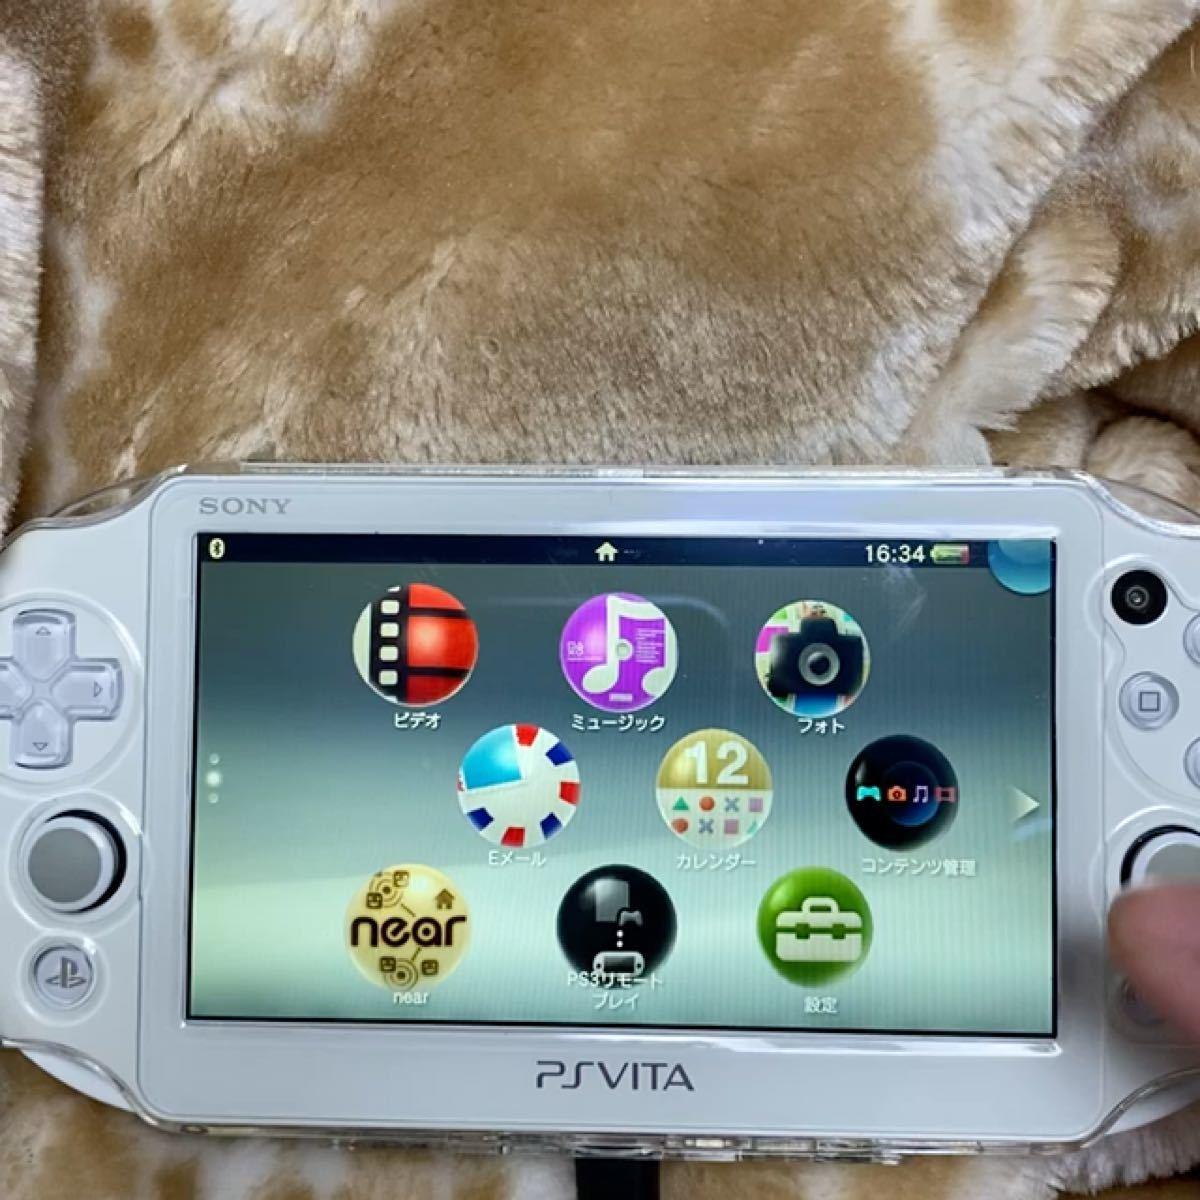 PS Vita本体  ファイナルファンタジー10/10-2同梱版(メモリーカード付き)